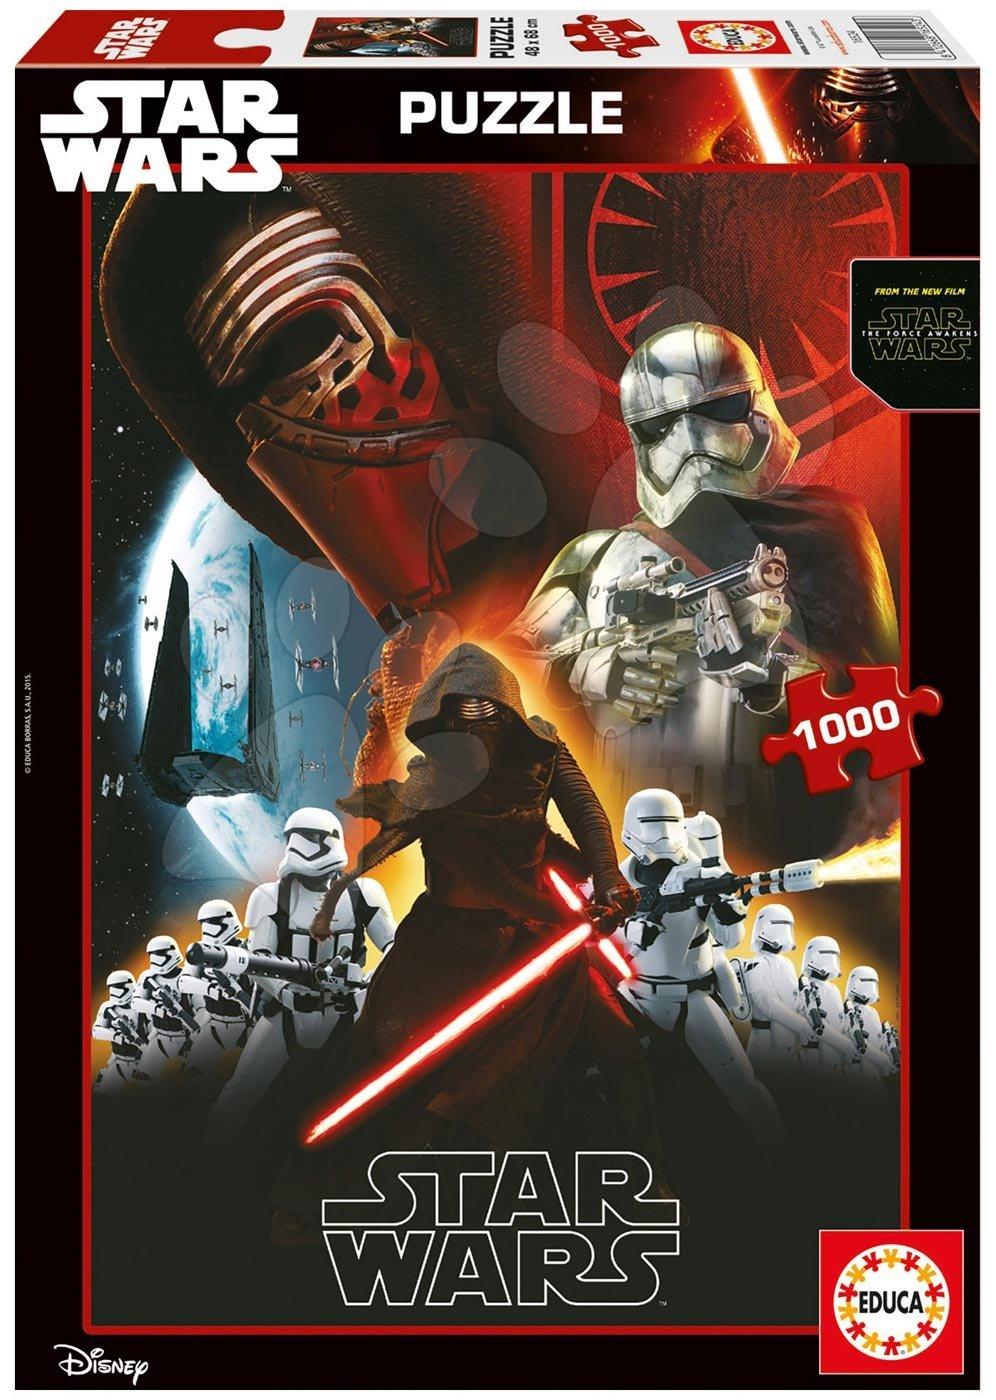 Puzzle 1000 dielne - Puzzle Star Wars: Sila sa prebúdza Educa 1000 dielov od 12 rokov